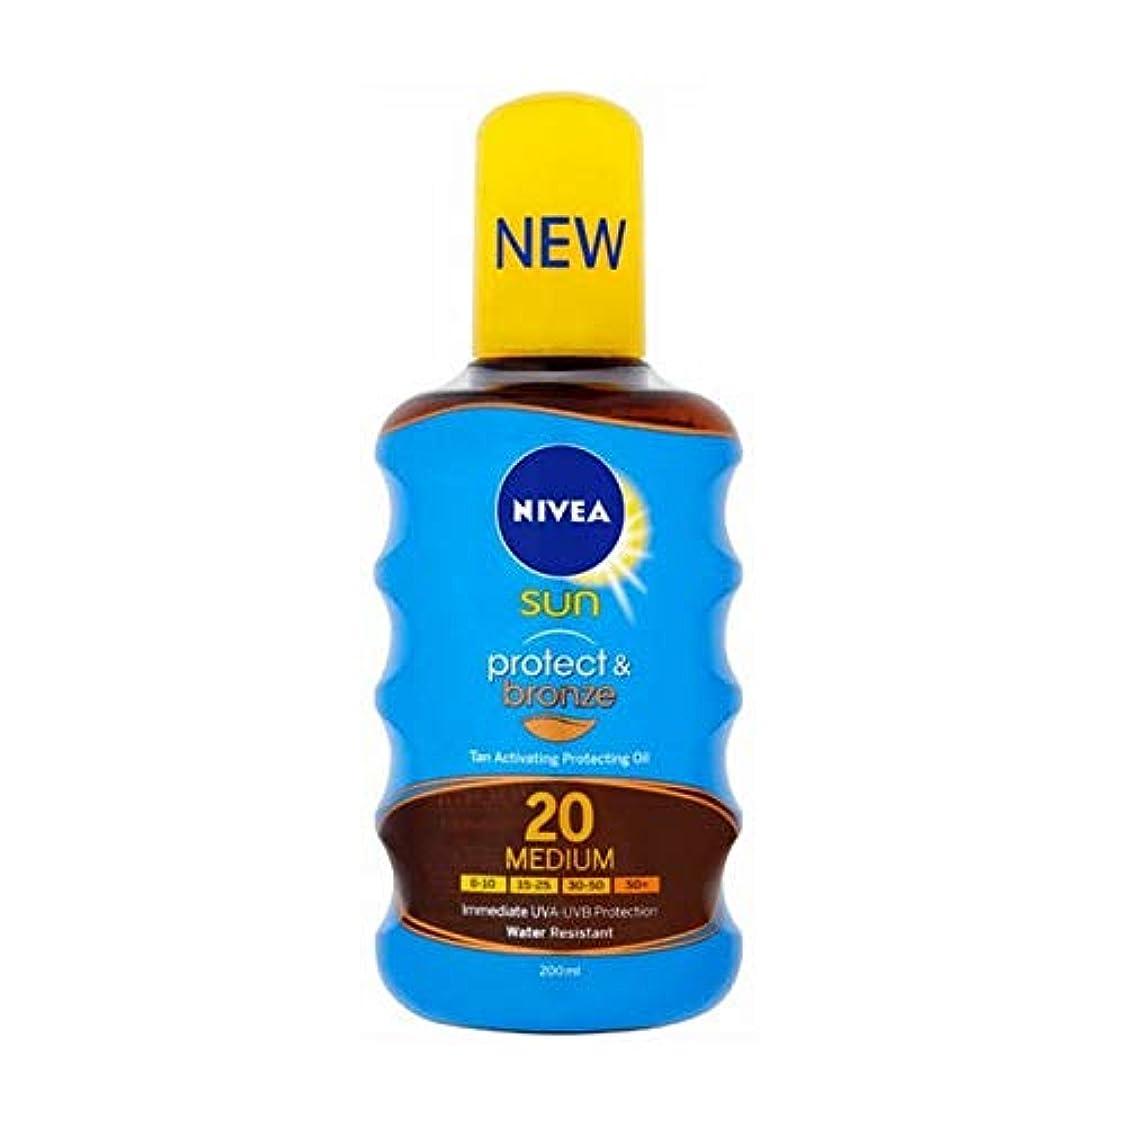 決済鬼ごっこ書き出す[Nivea ] ニベア日焼けオイルSpf20プロテクト&ブロンズ200ミリリットル活性化 - NIVEA SUN Tan Activating Oil SPF20 Protect&Bronze 200ml [並行輸入品]